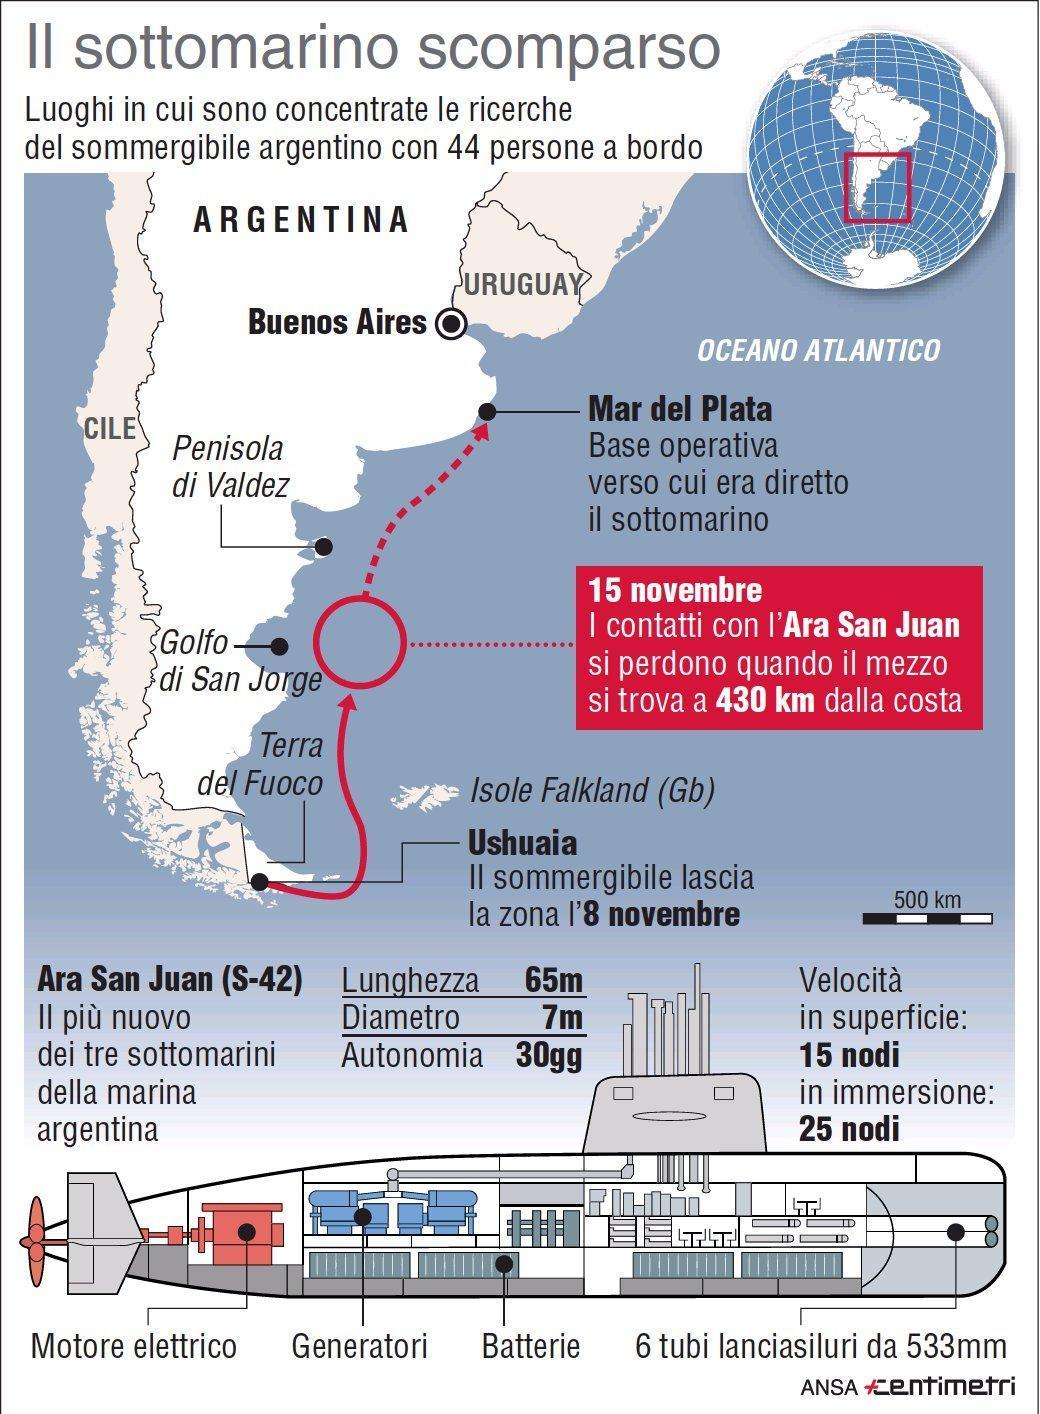 Sottomarino argentino, c'è nuovo indizio